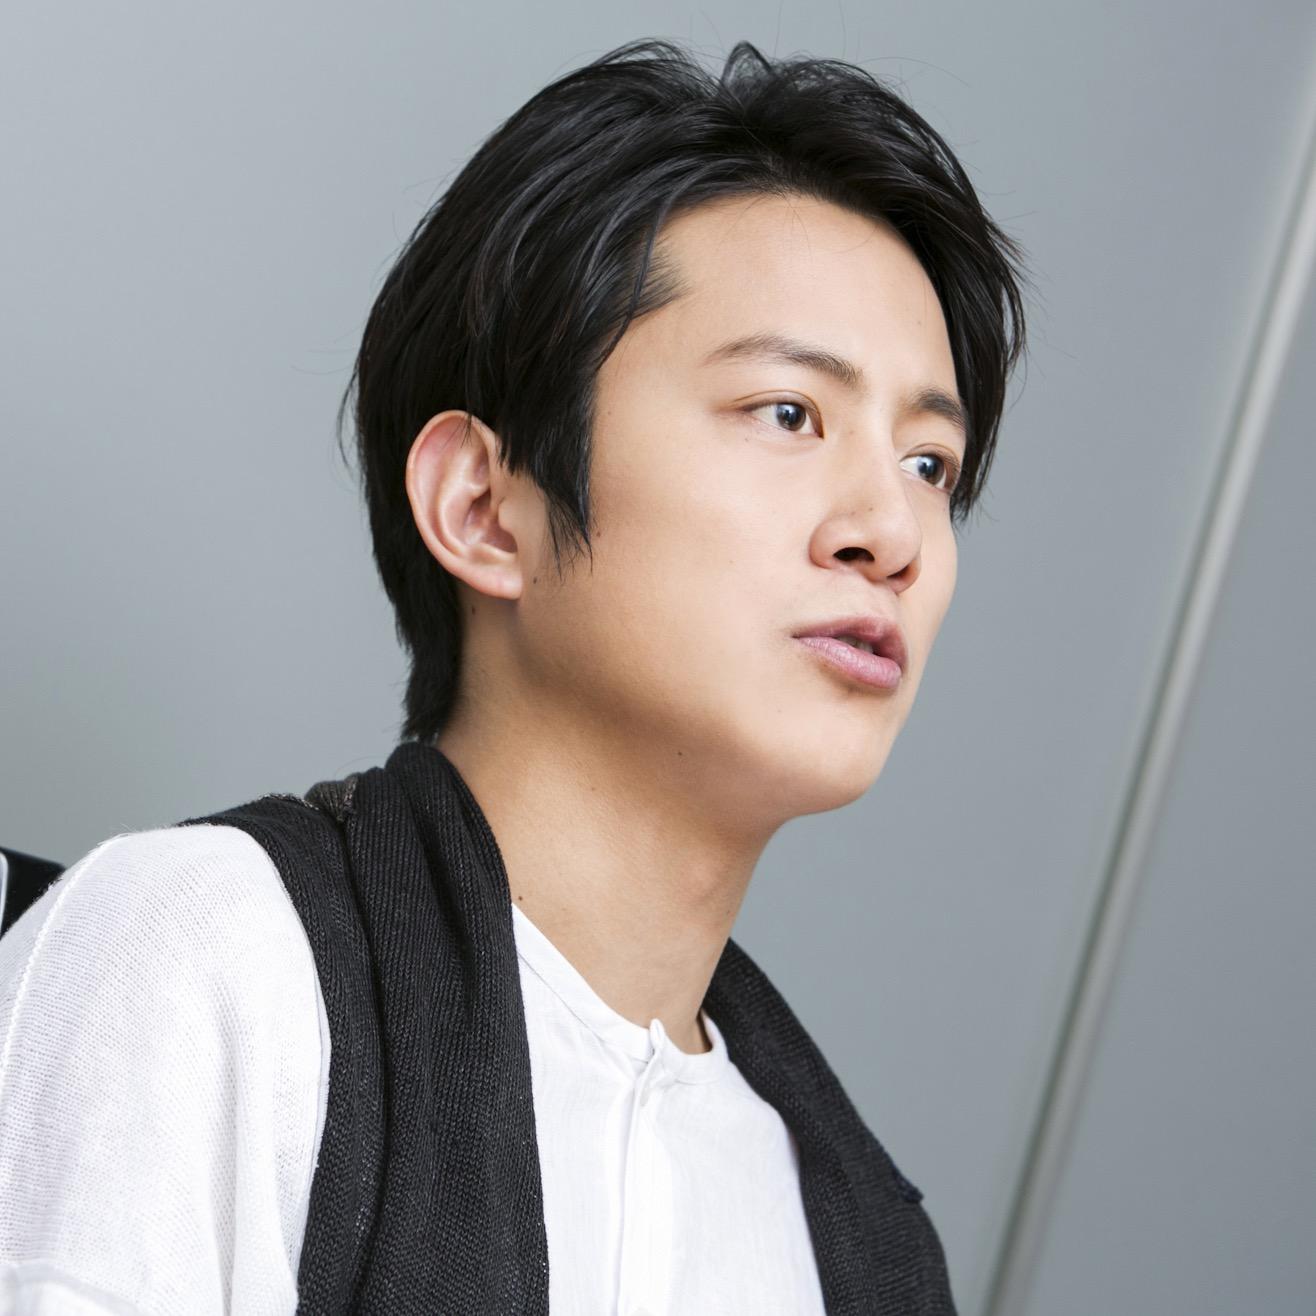 溝端淳平の20歳「当時は大人たちの顔色を伺いすぎていたのかも」